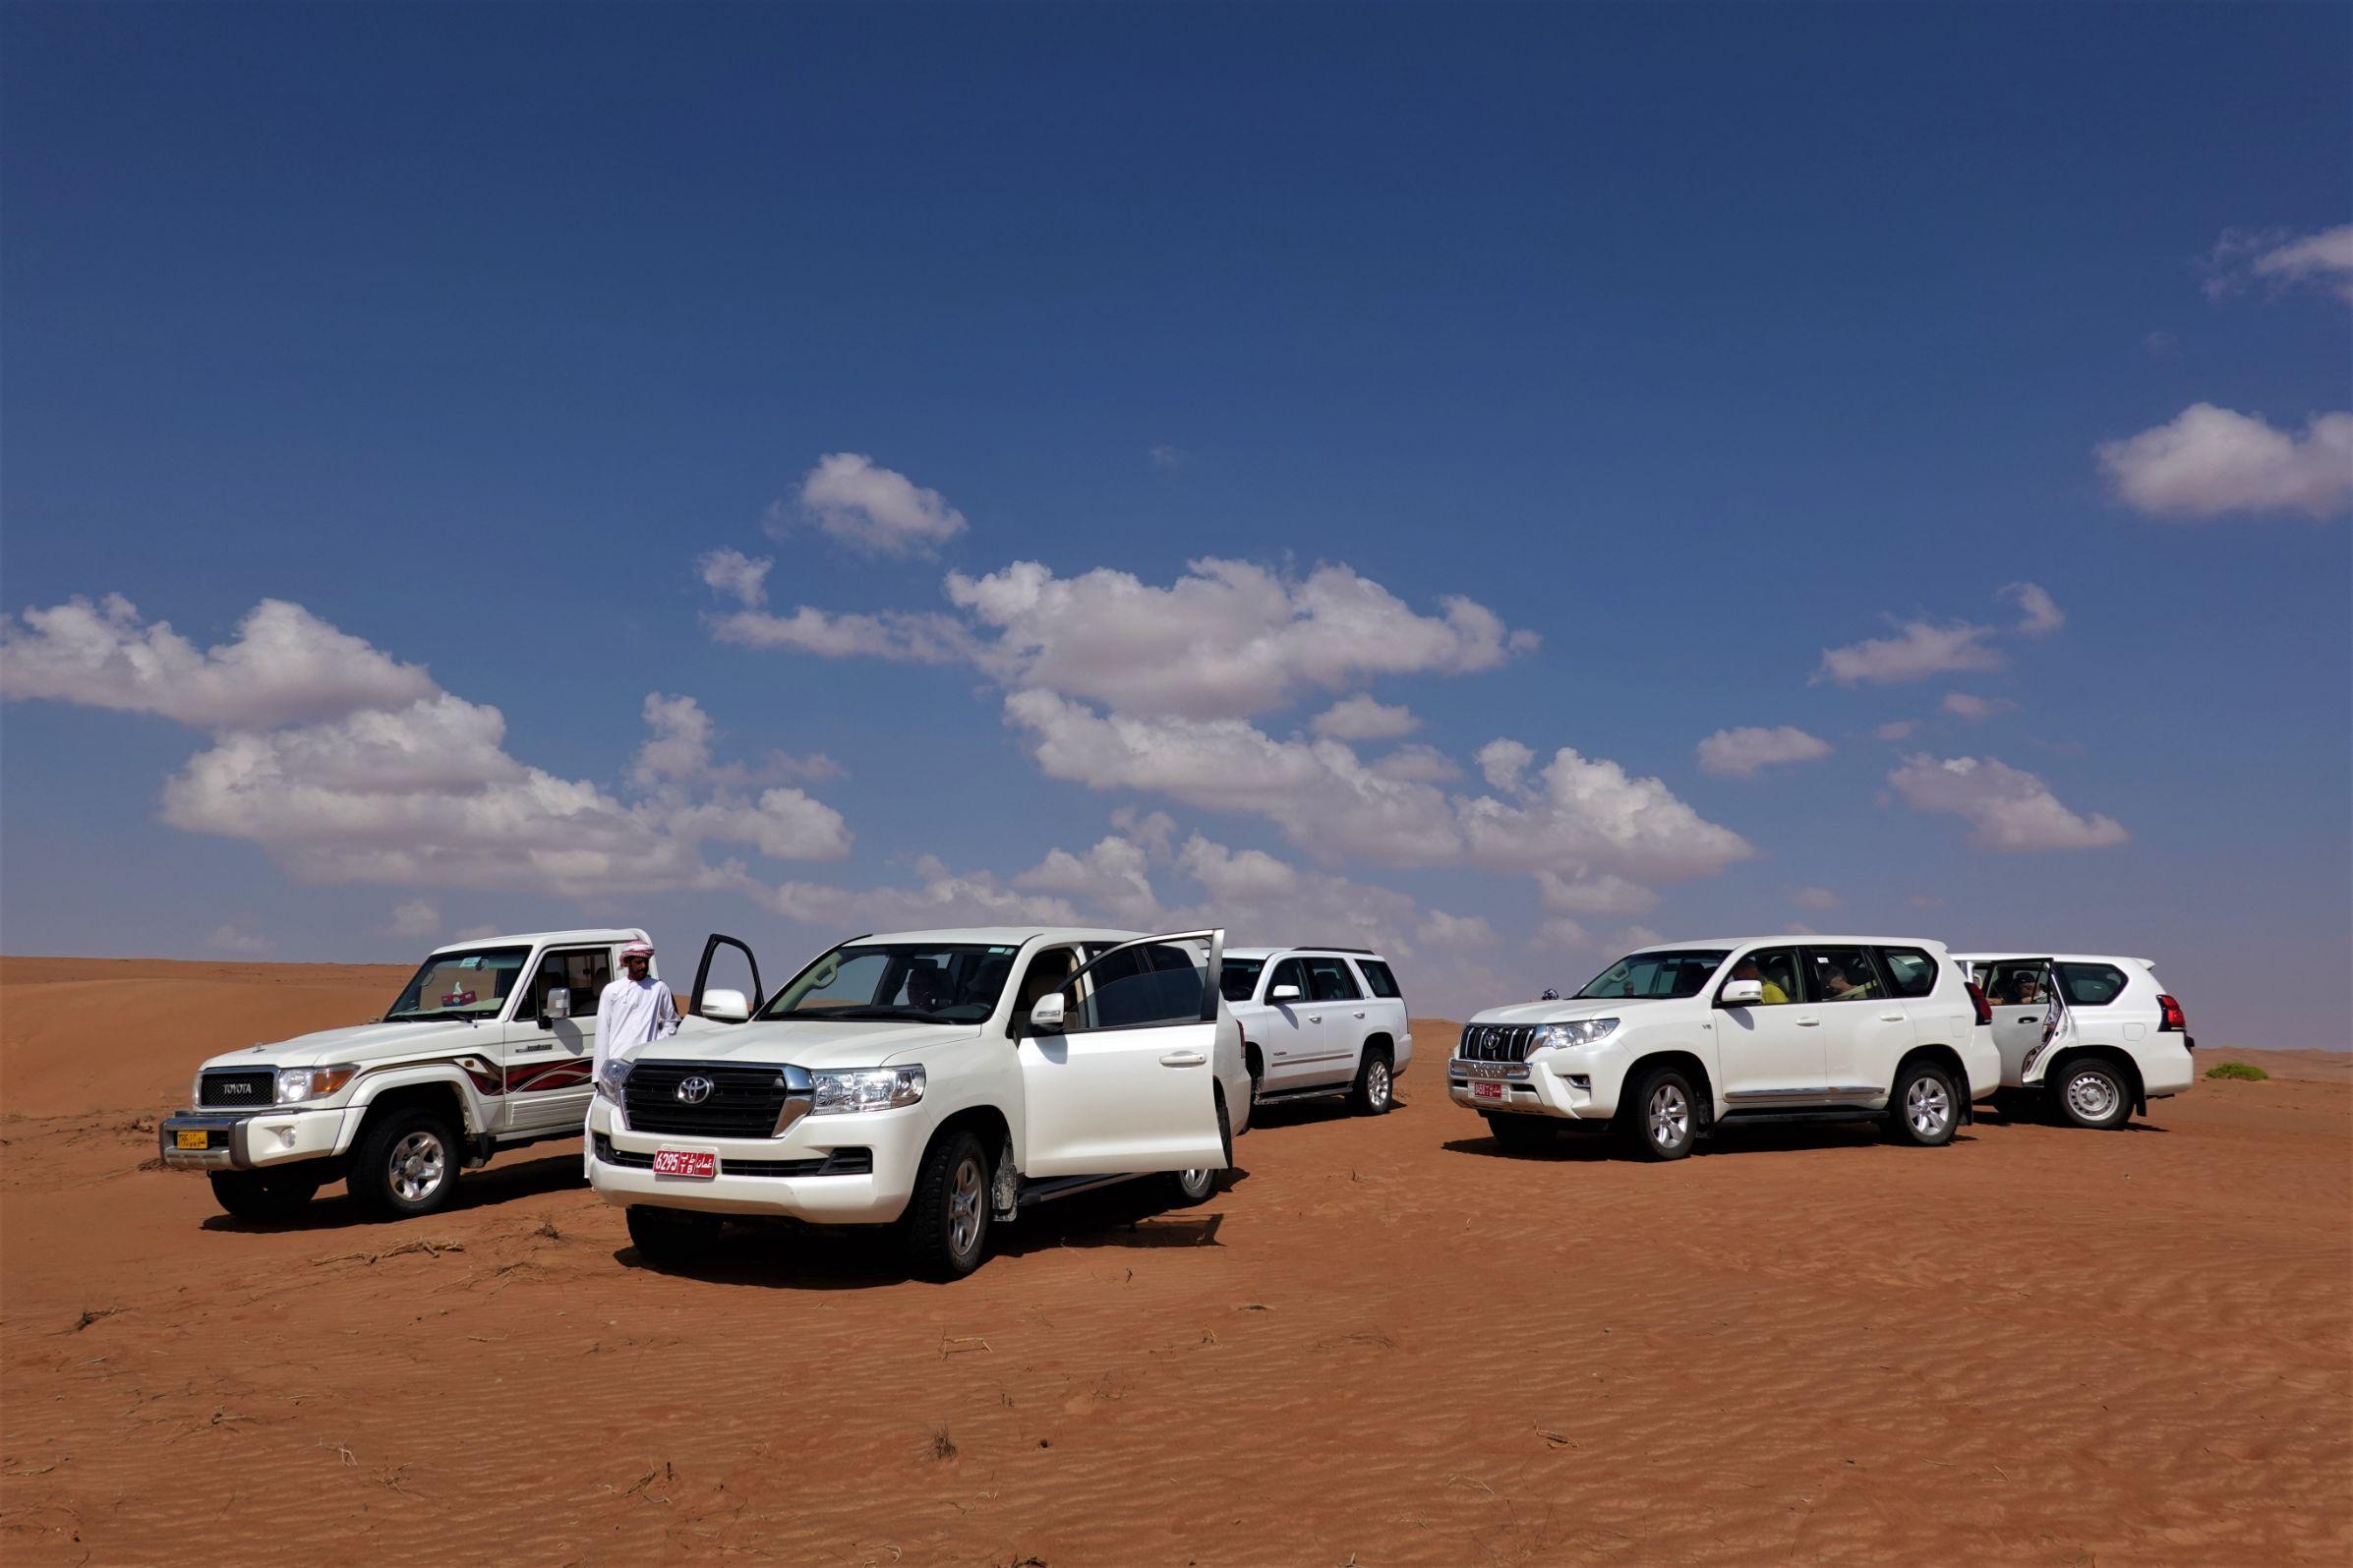 Výprava Periscope na cestě skrz poušť Wahiba Sands